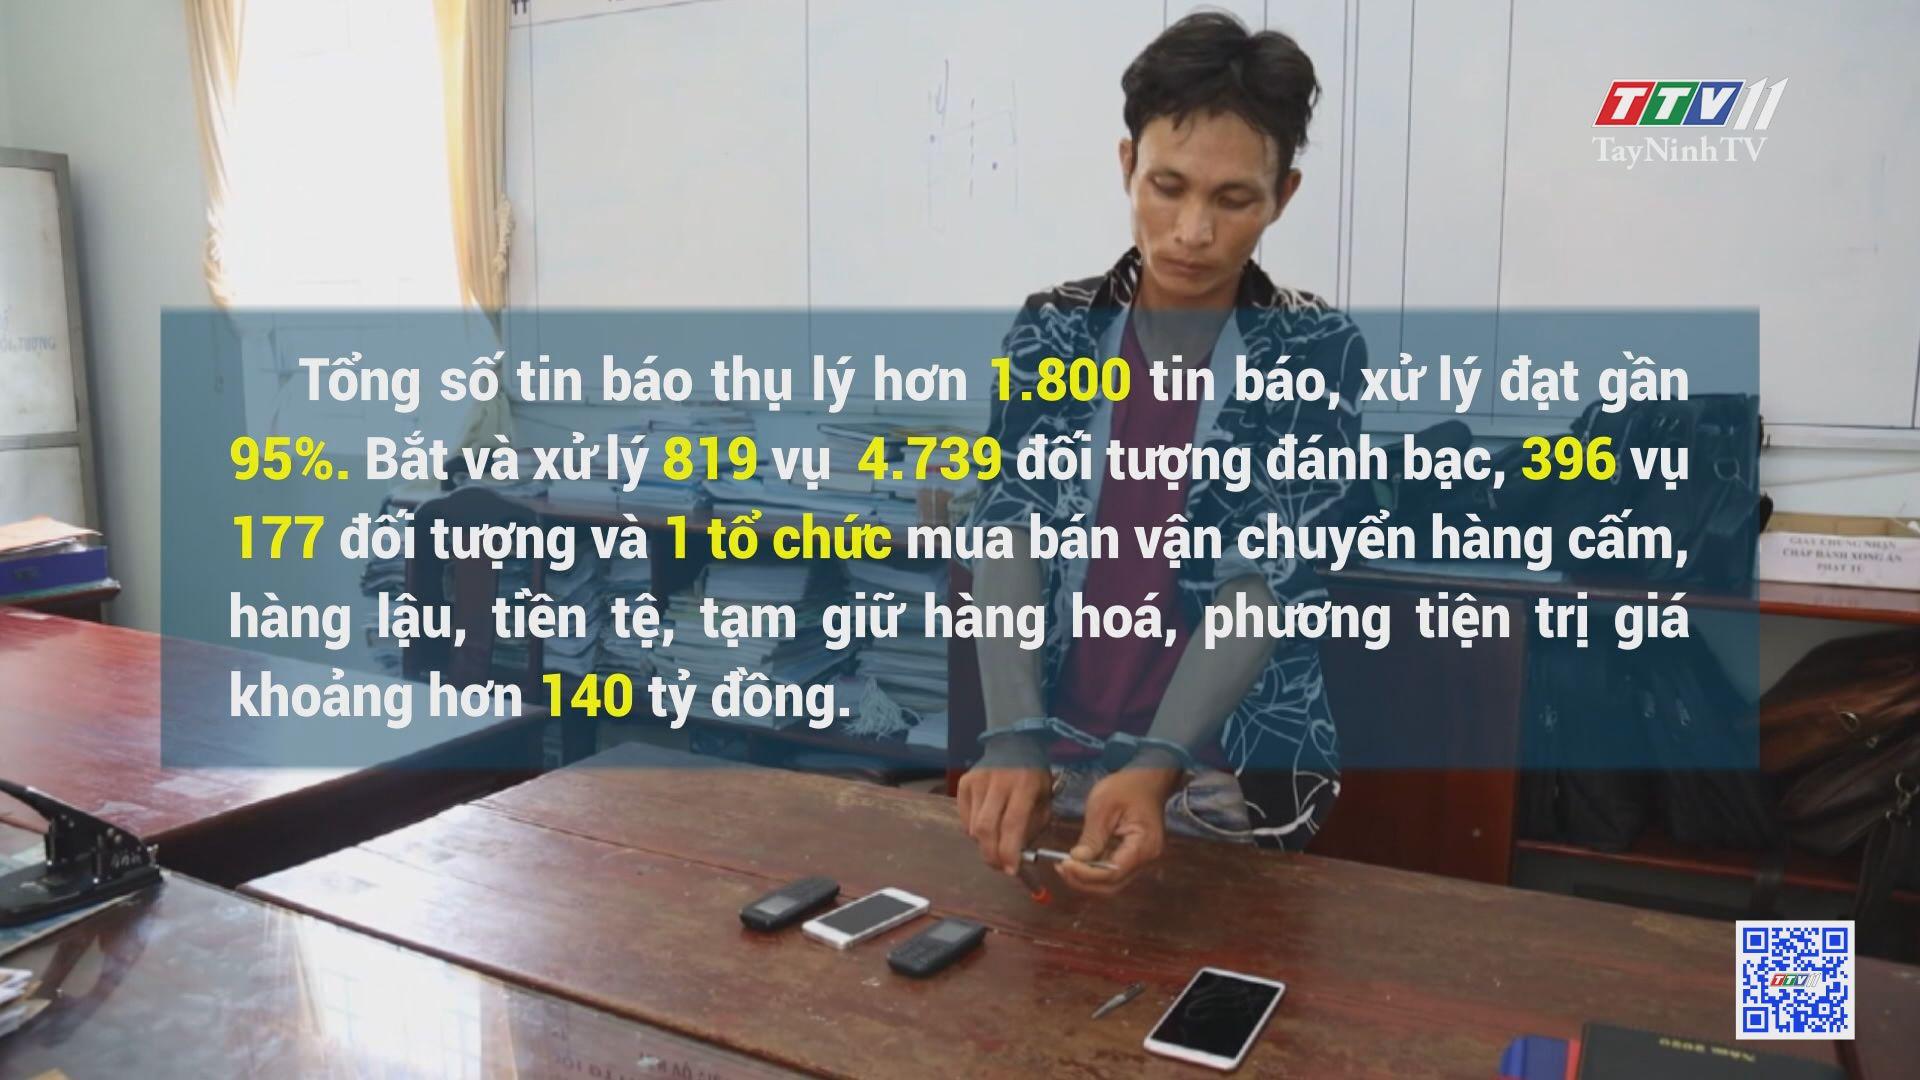 Công an Tây Ninh tổ chức tổng kết năm 2020   AN NINH TÂY NINH   TayNinhTV